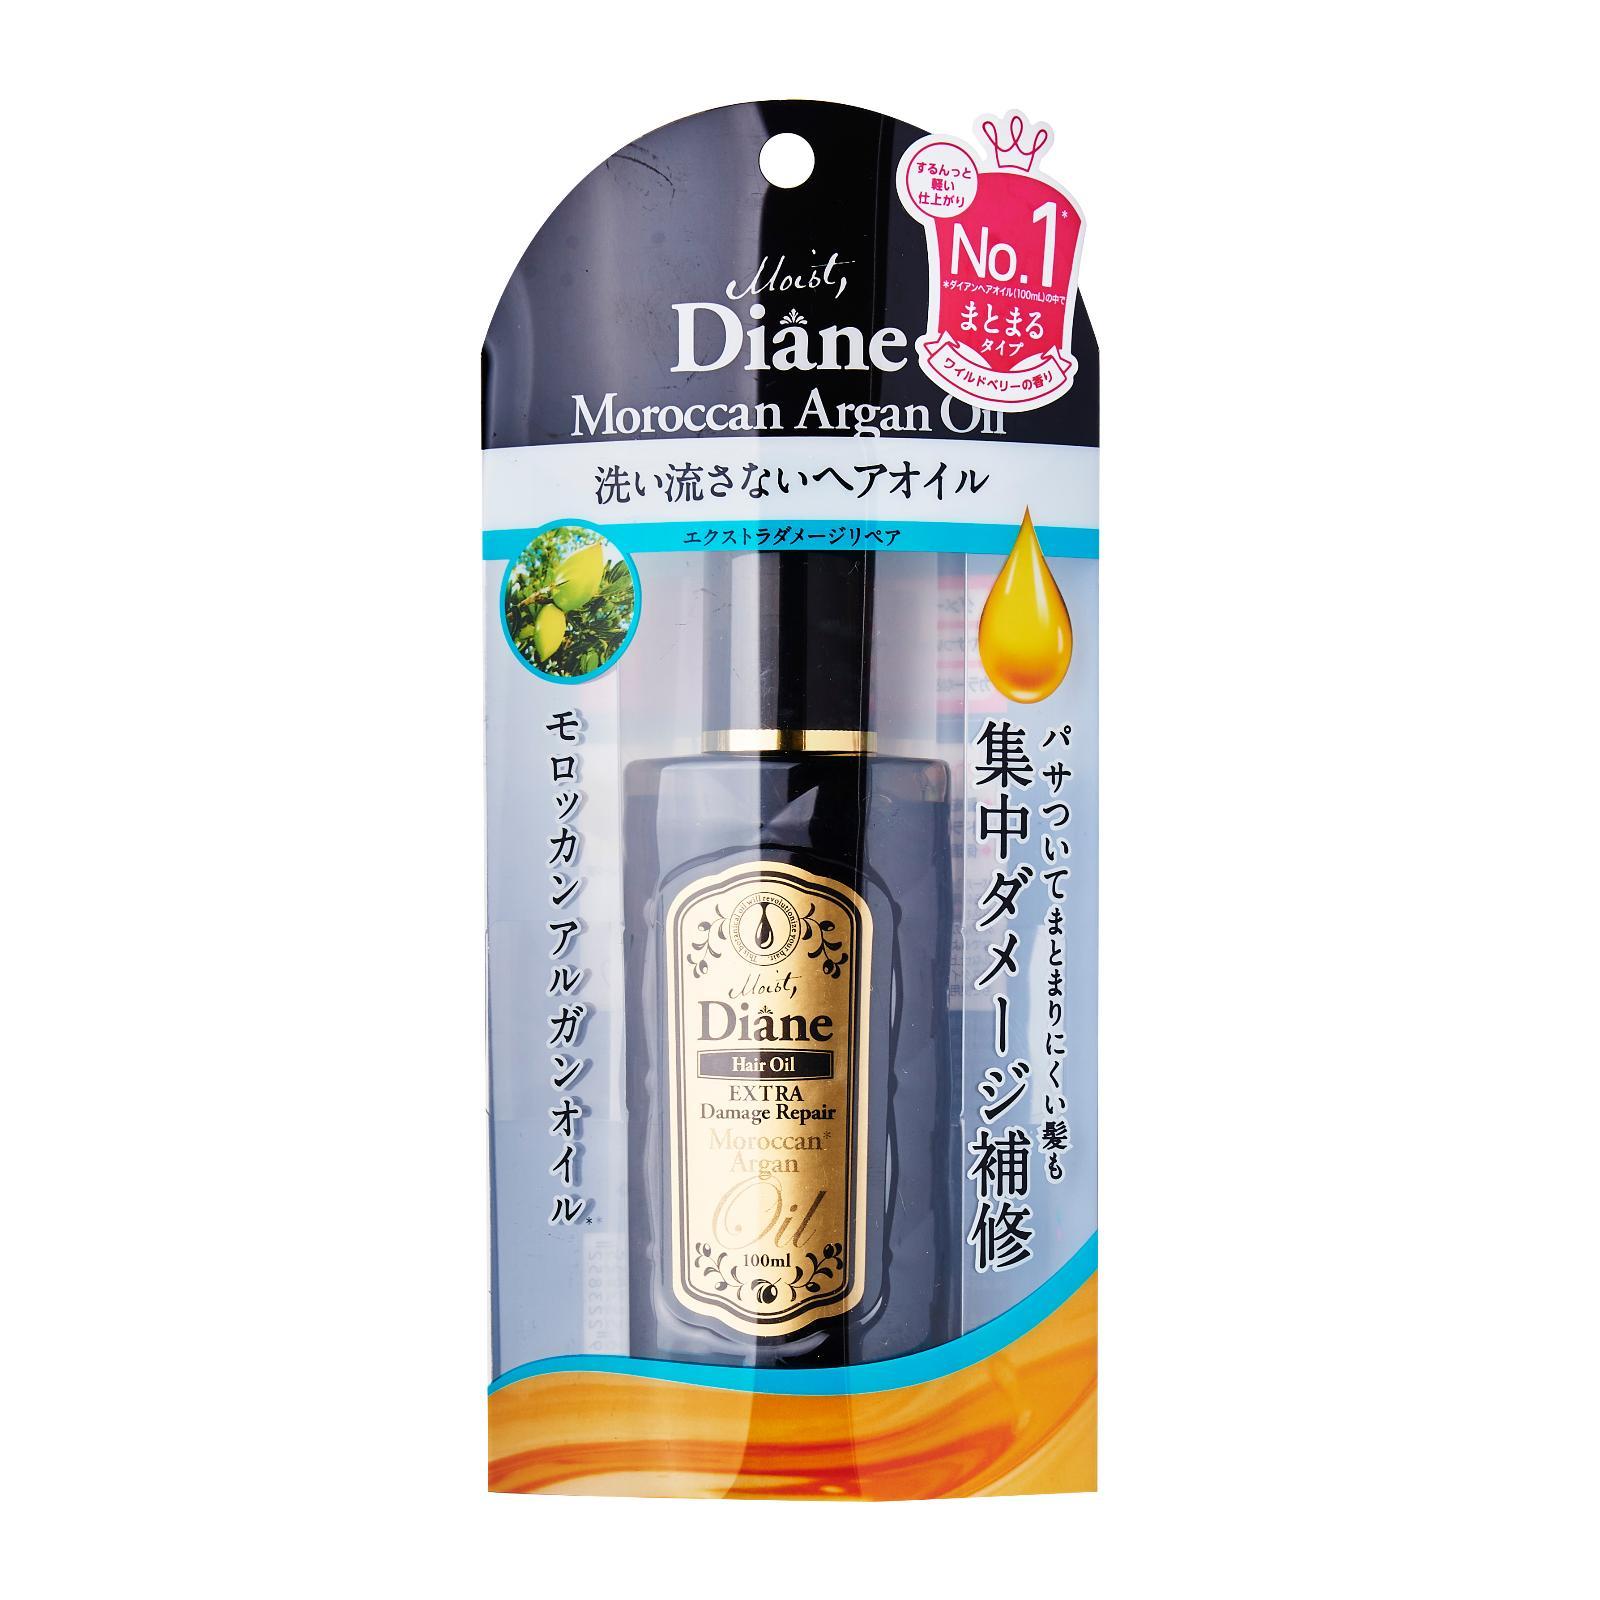 Moist Diane Extra Damage Repair Hair Oil